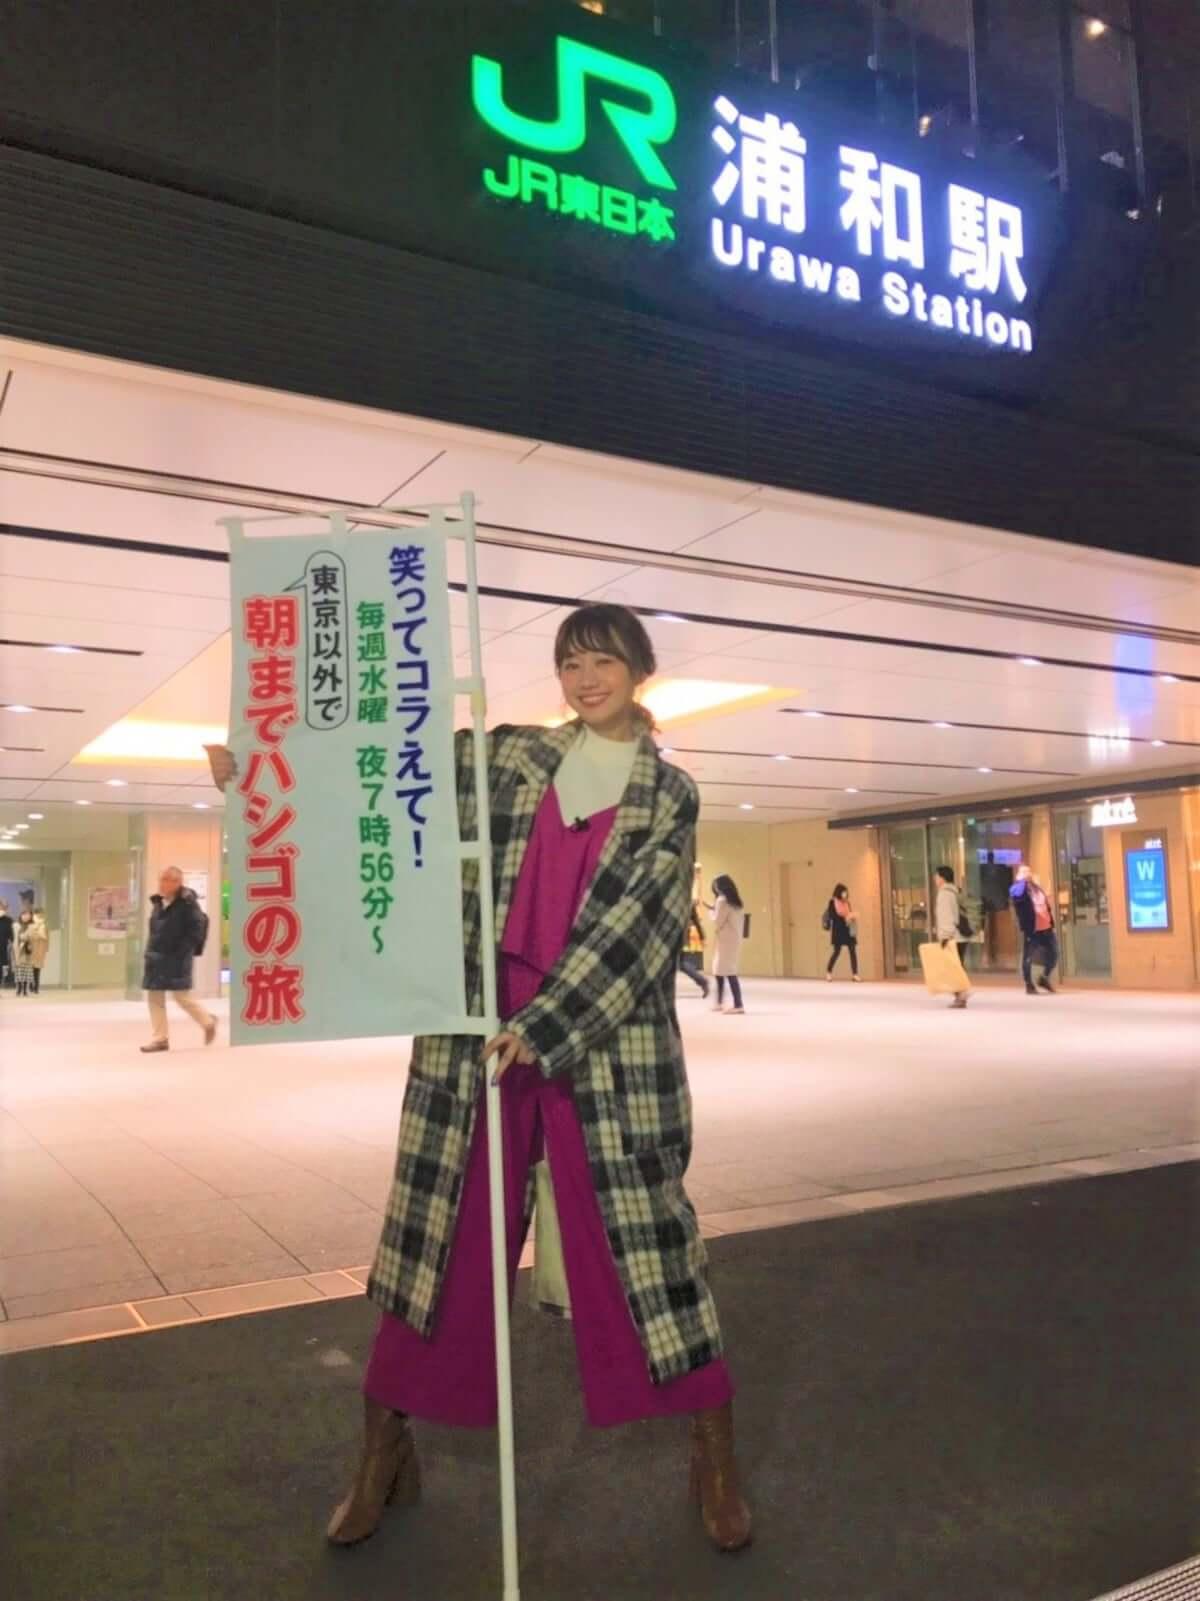 モデル・高田秋 「笑コラはしご酒」での酒飲み姿に視聴者悶絶! life-fashion190213-takadashu-6-1200x1601